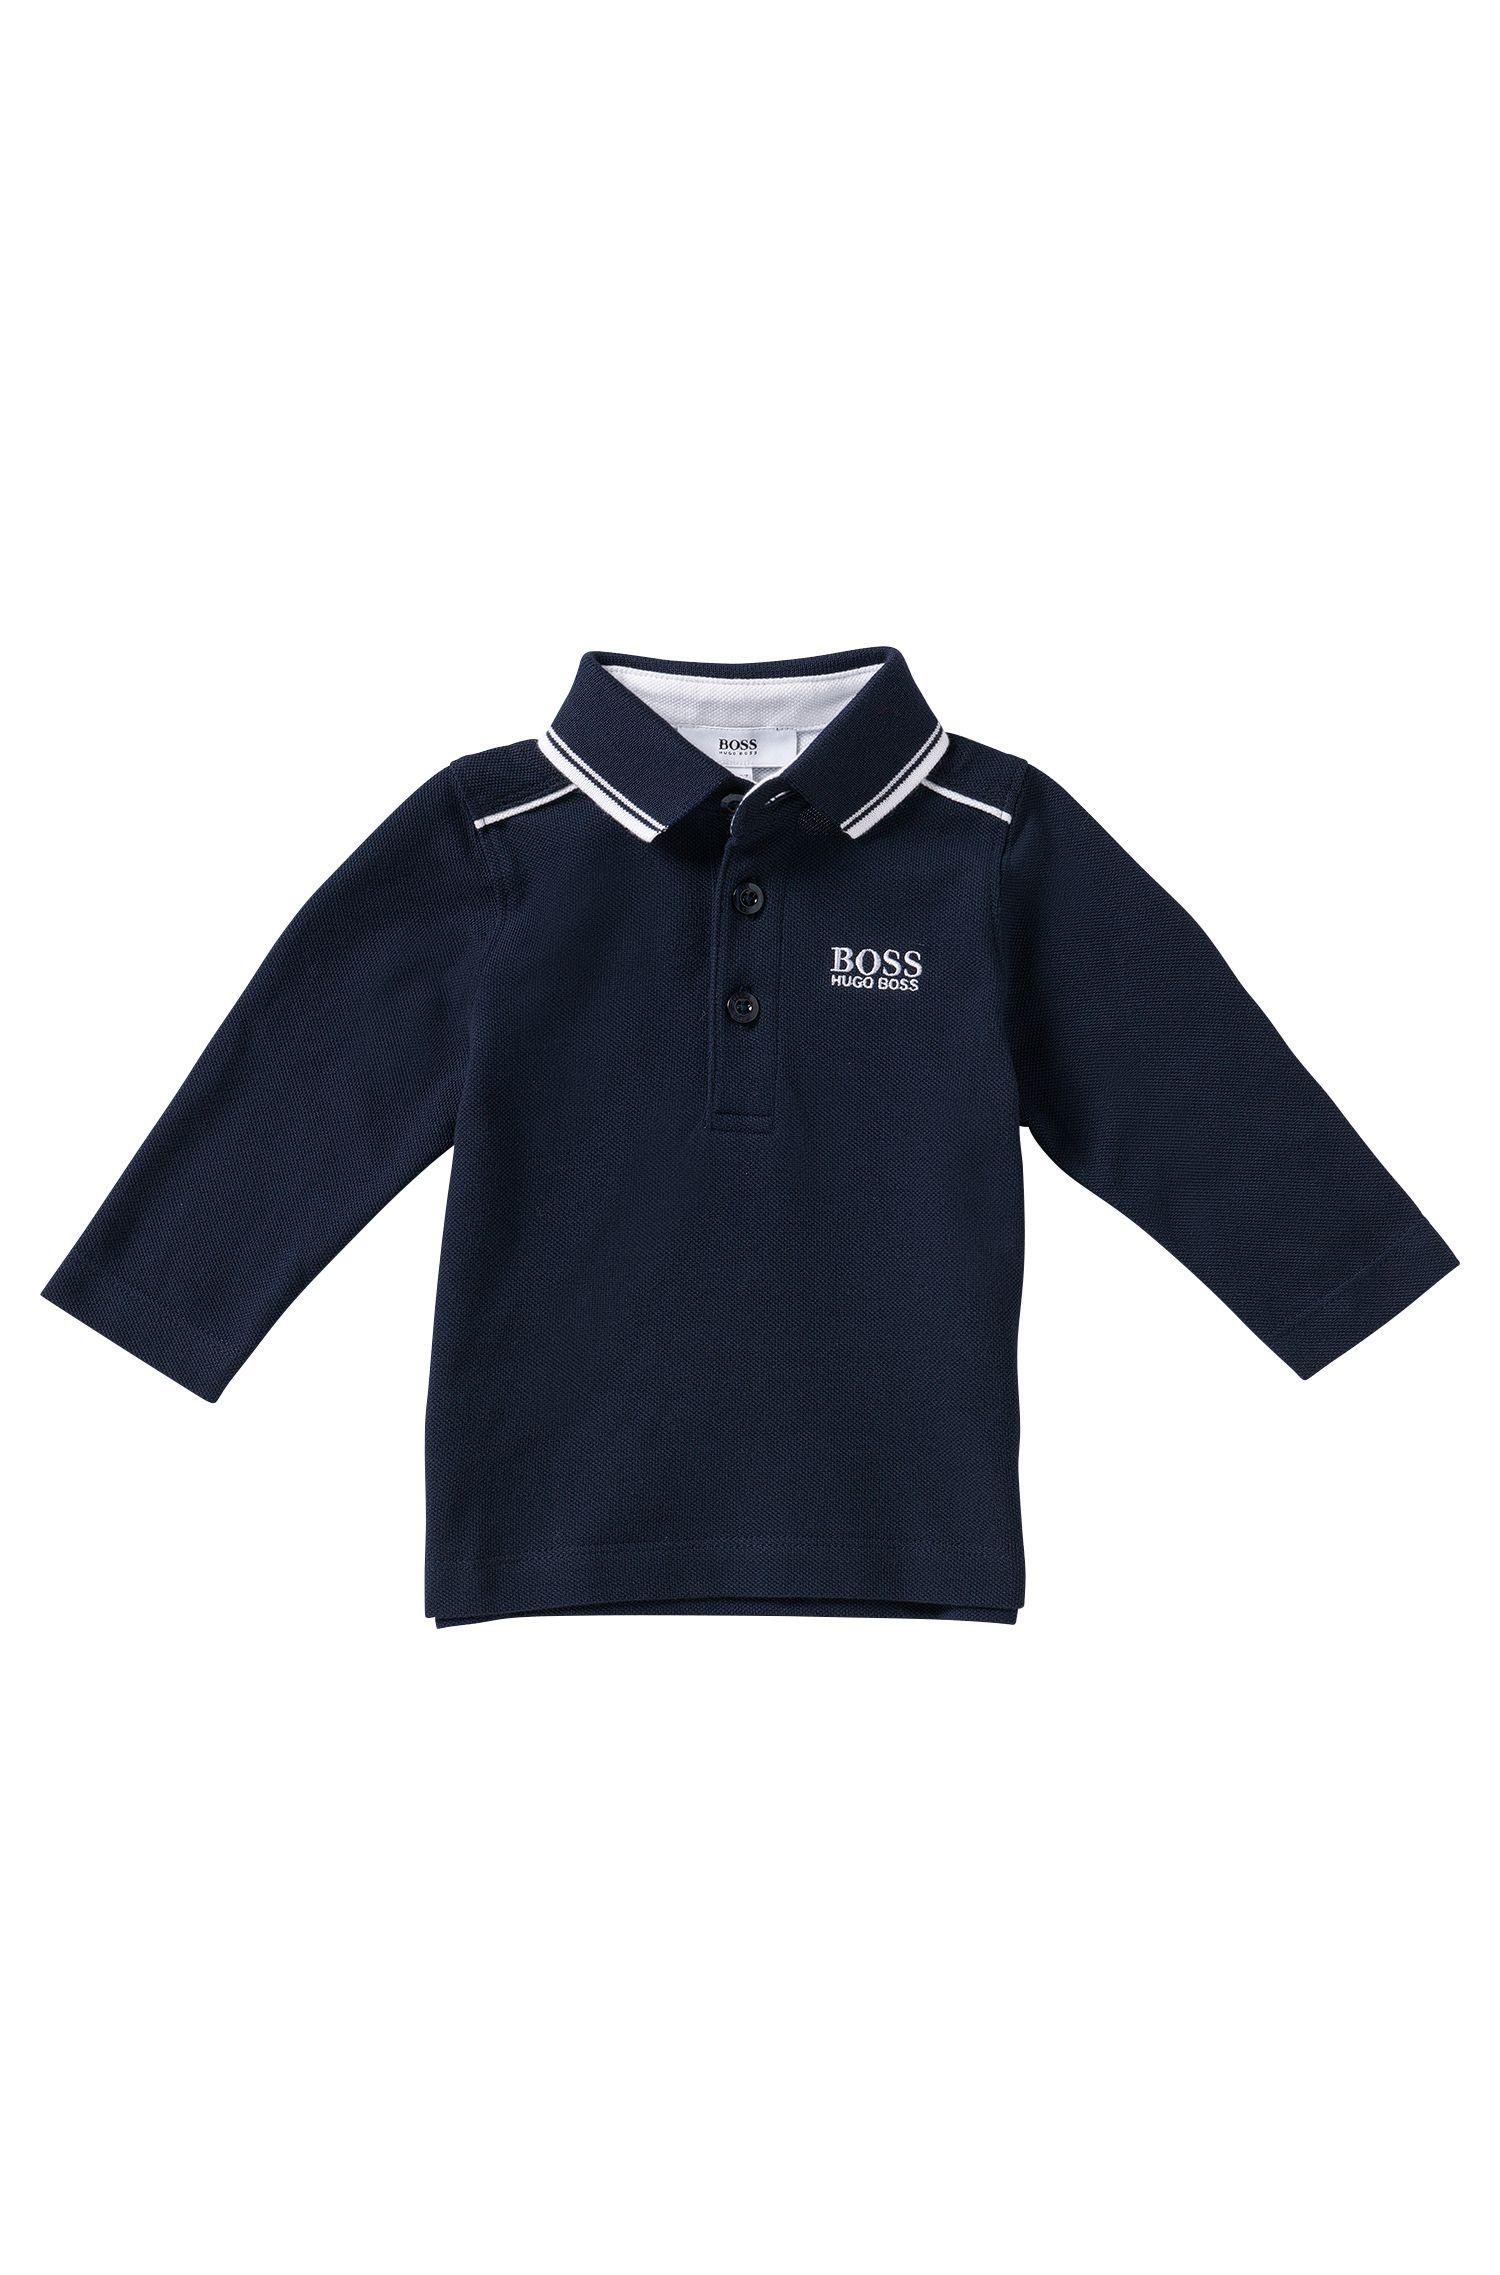 'J05399' | Toddler  Cotton Pique Polo Shirt